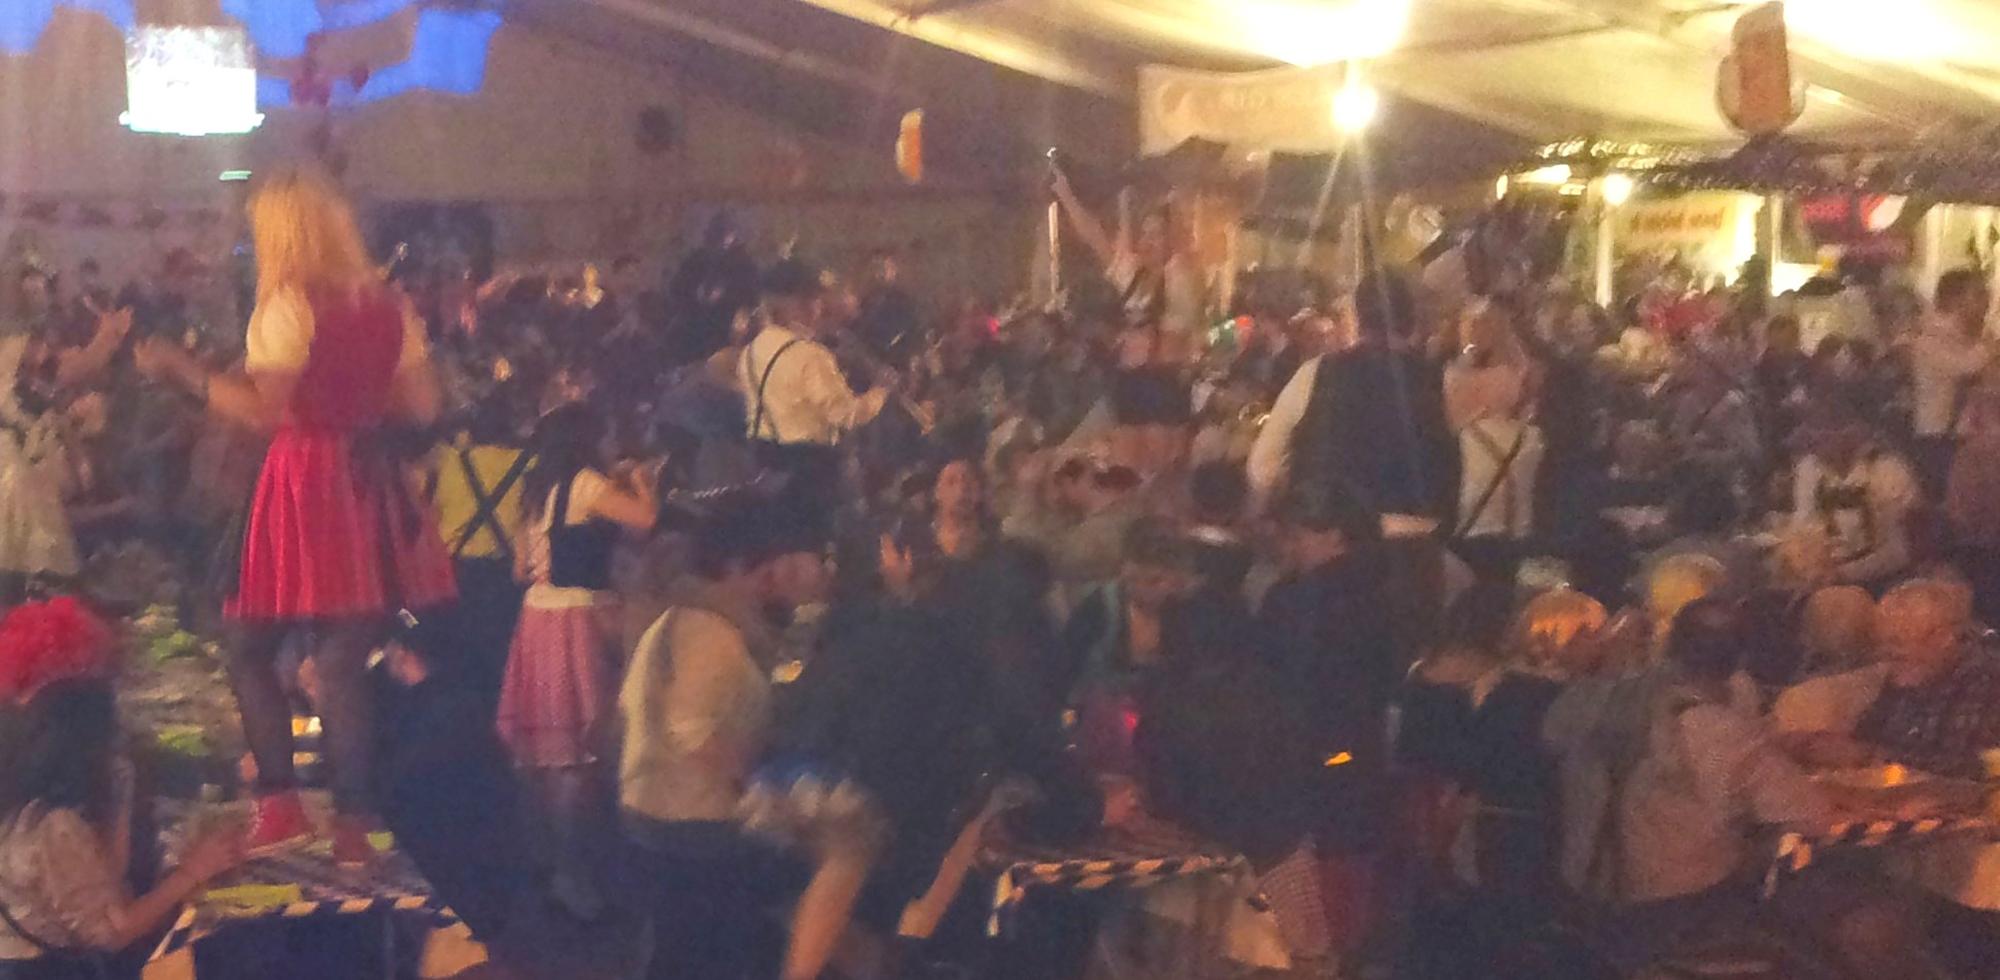 2a Orchestre bavarois à Sion ch, jeudi 12 février 2015 musiciens sur les tables1